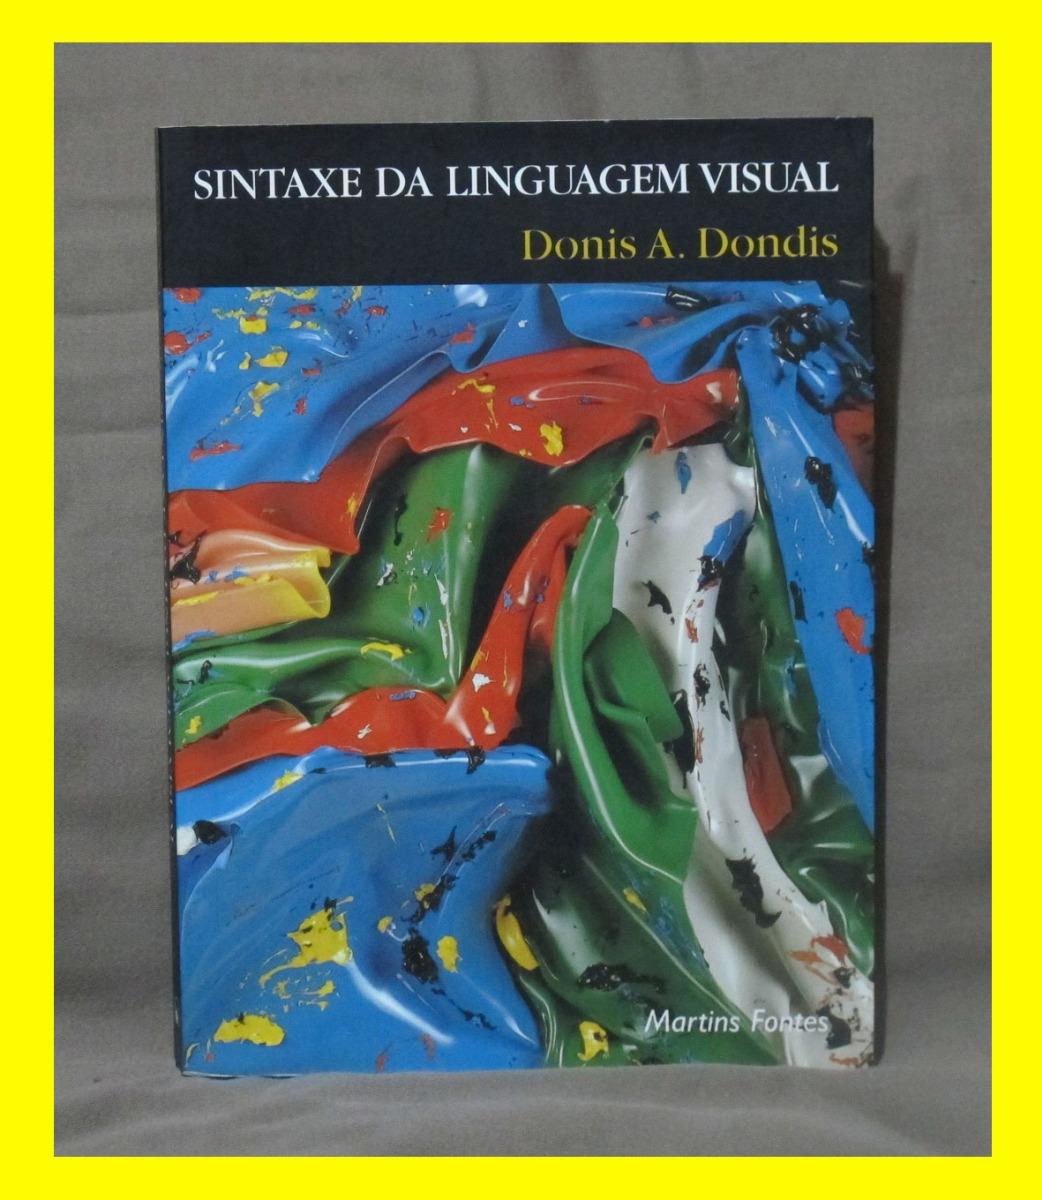 livro sintaxe da linguagem visual donis a dondis